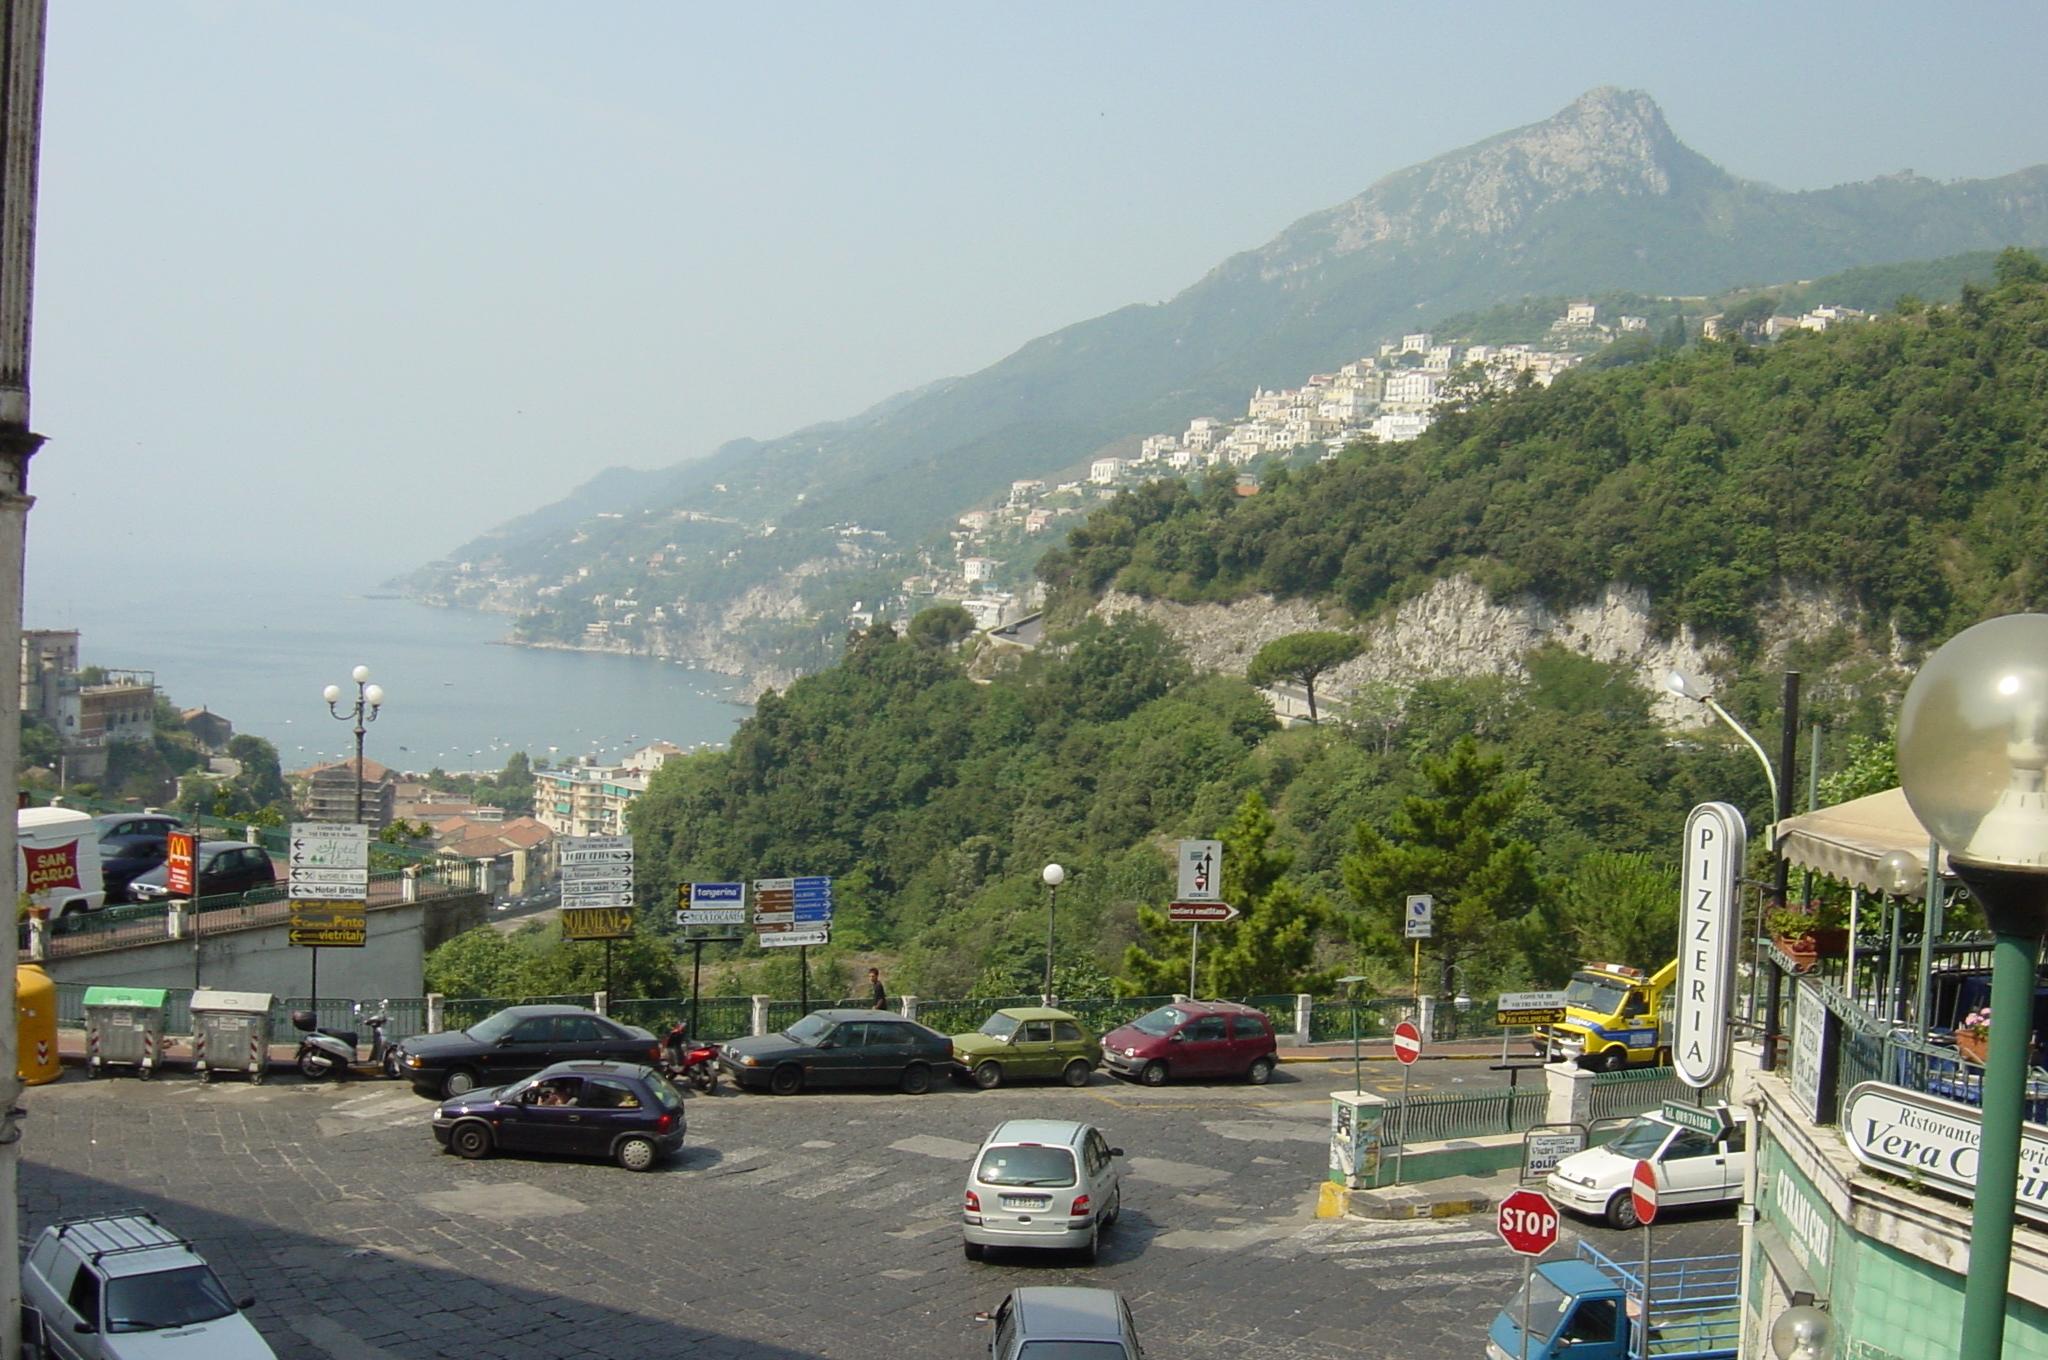 Vietri Sul Mare Italy  City pictures : vietri sul mare comune comune di vietri sul mare